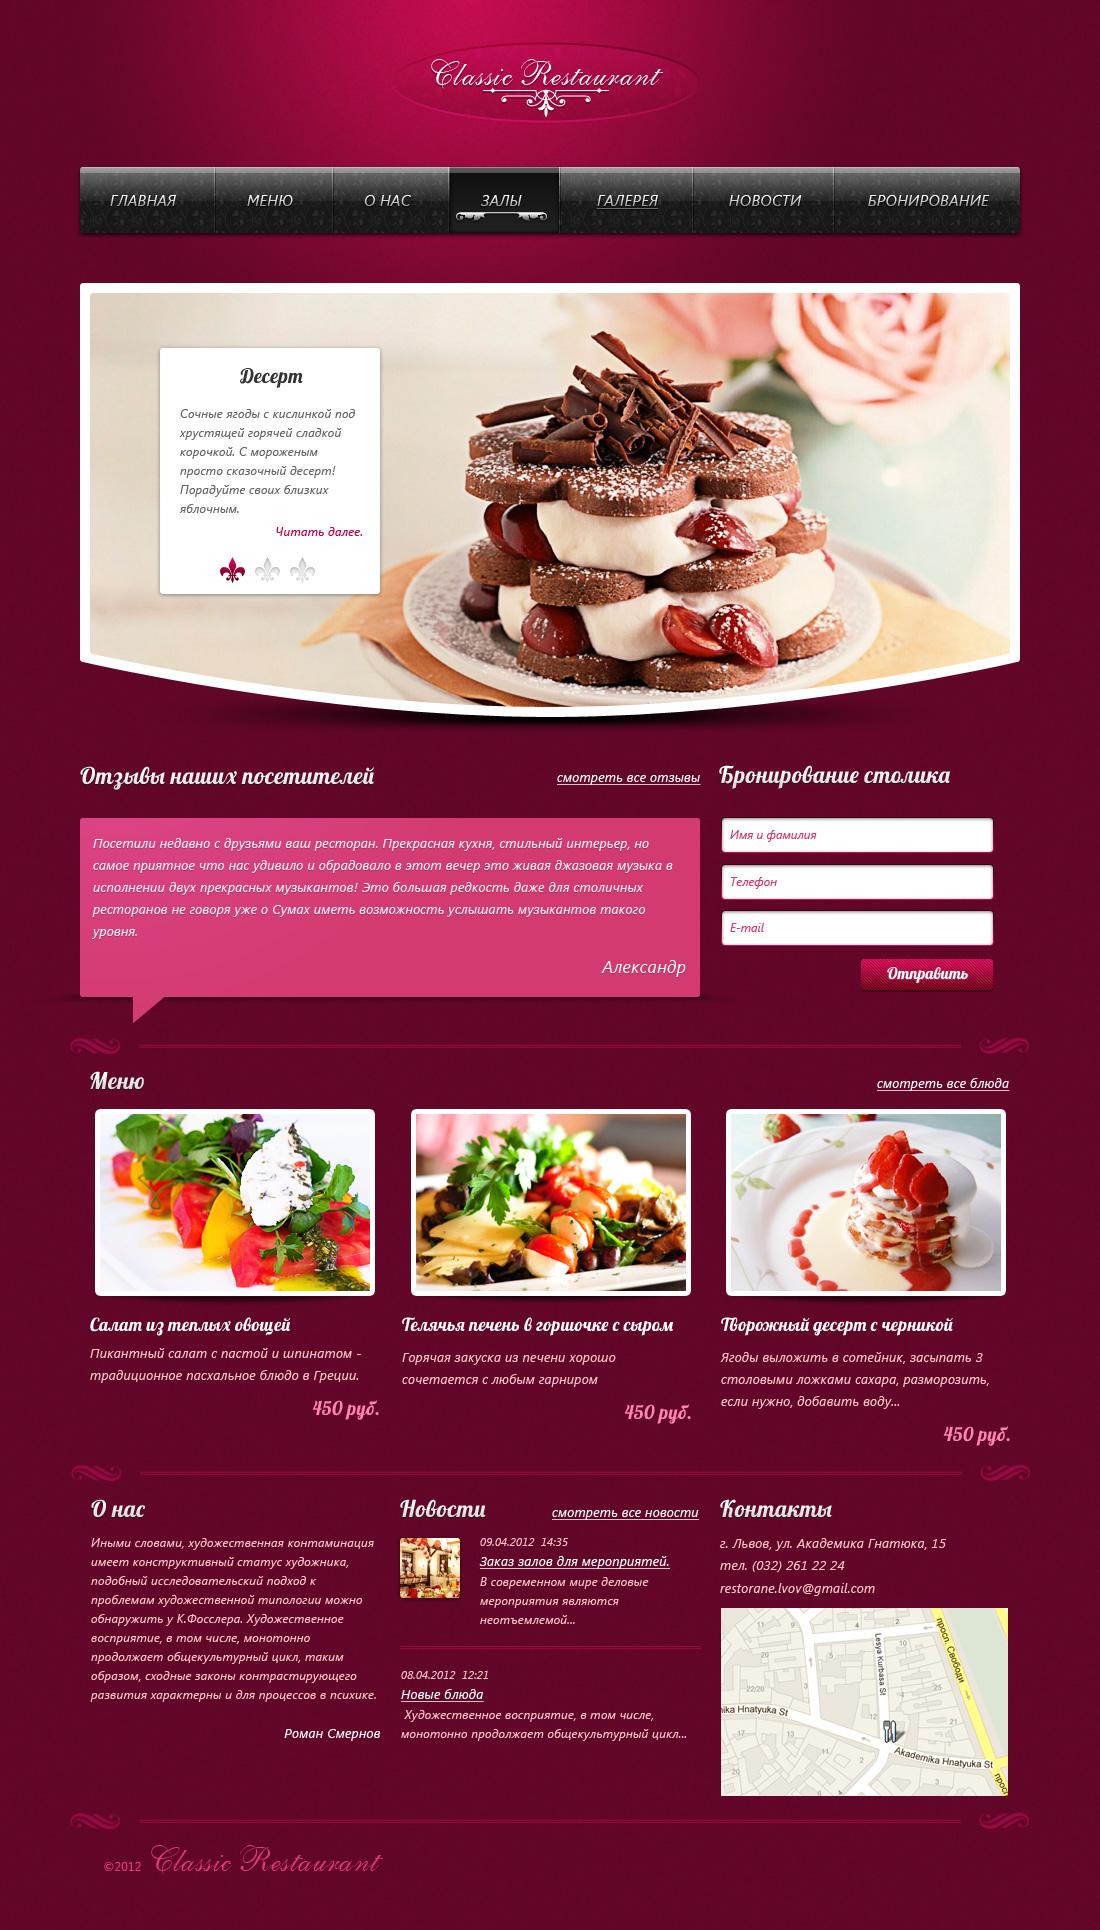 Дизайн сайта для ресторана. (Продано)